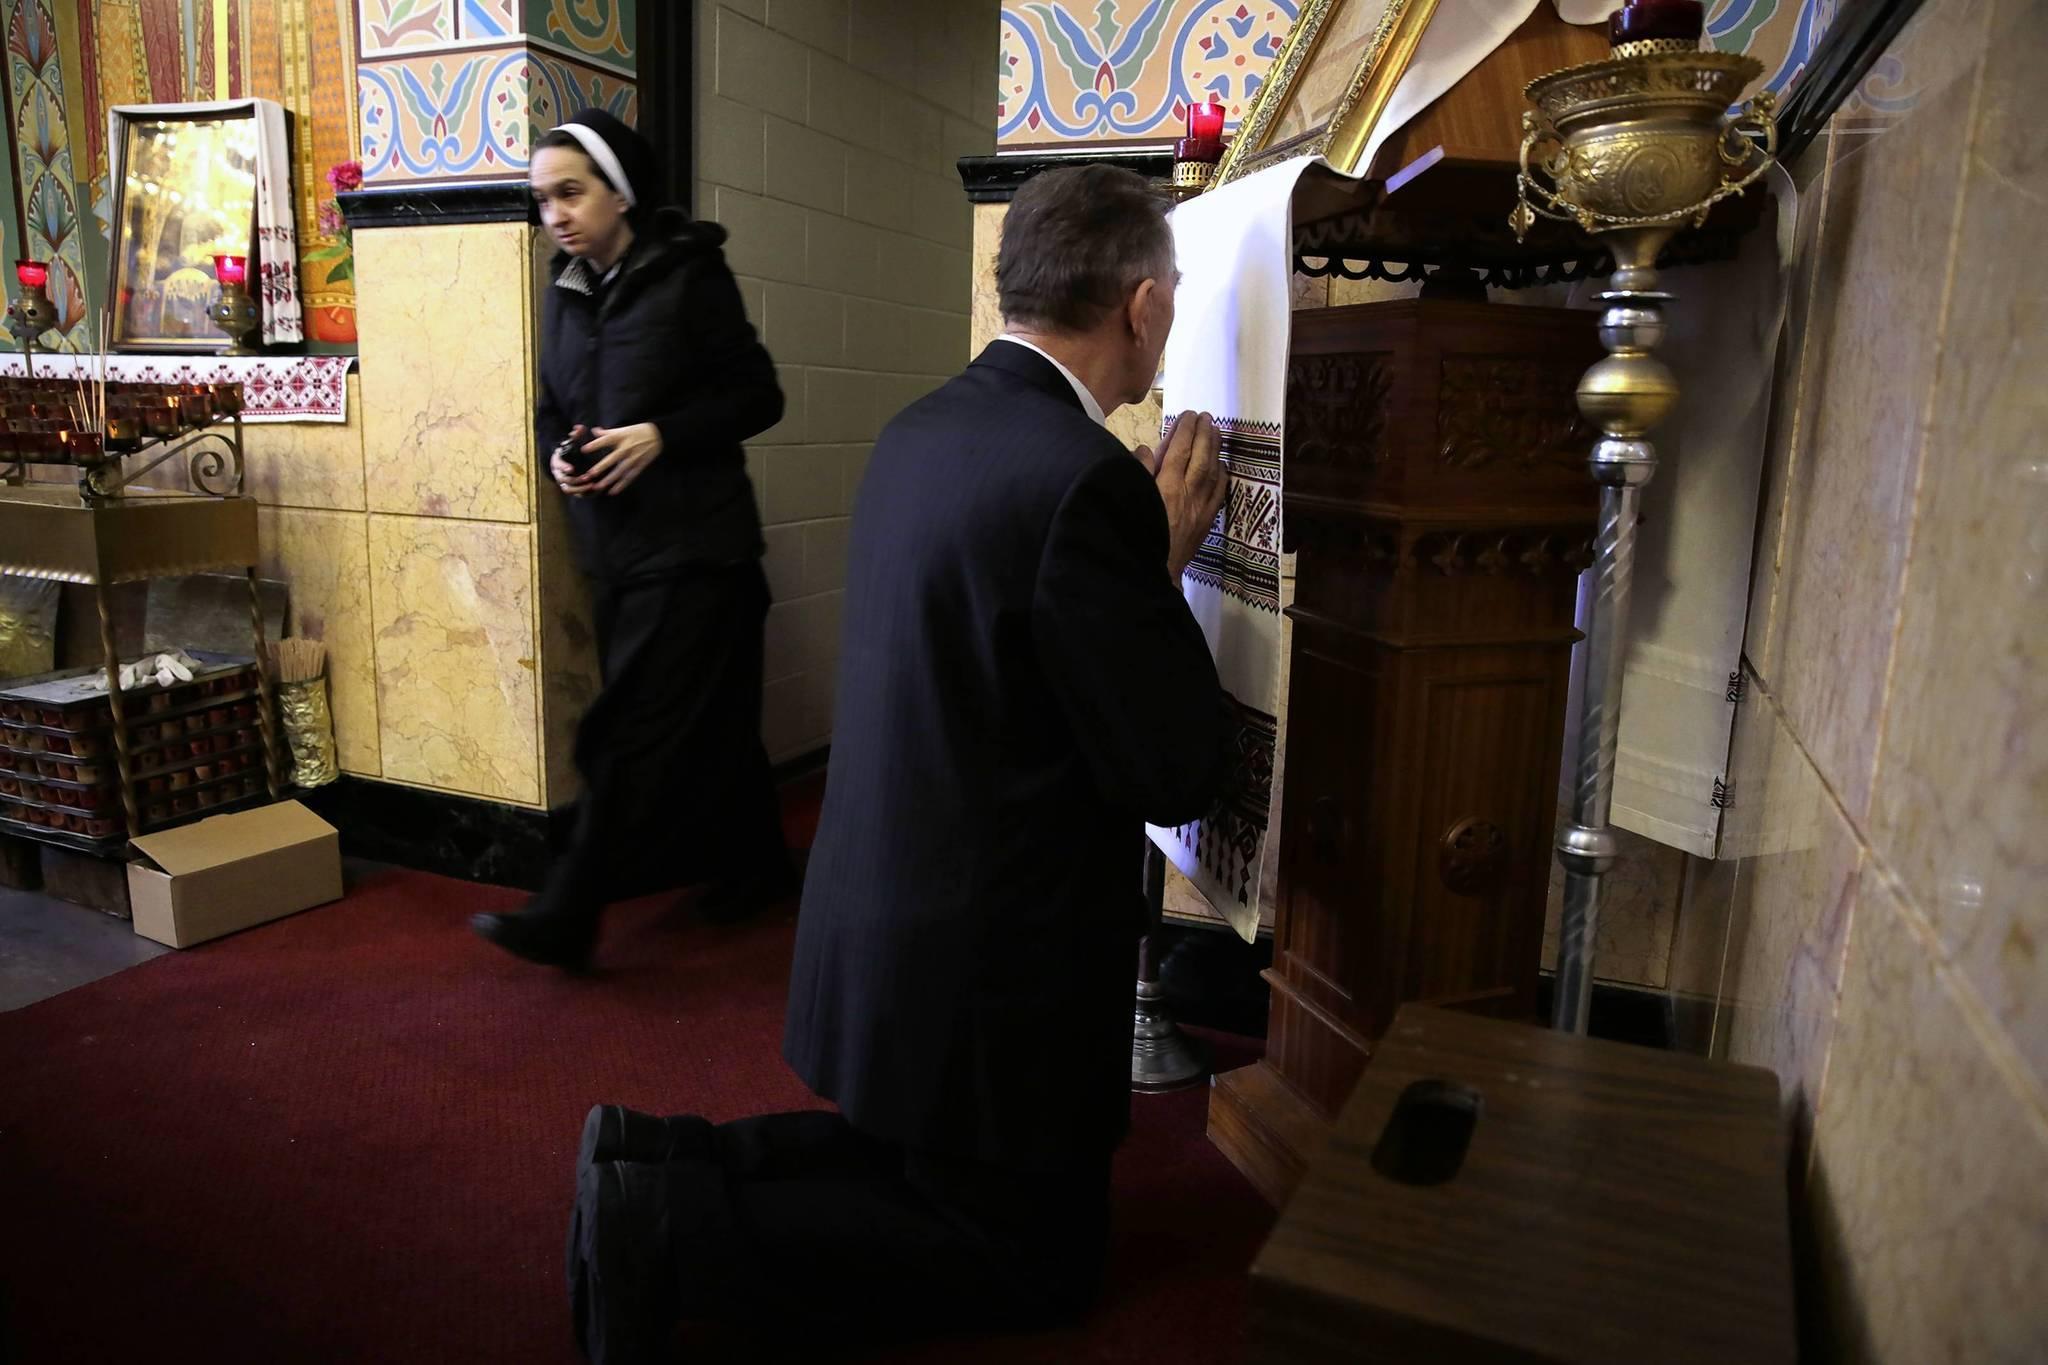 Lyubomyr Dmyterko, of Chicago, prays after mass at Sts. Volodymyr and Olha Ukrainian Catholic Church in Chicago on Sunday.